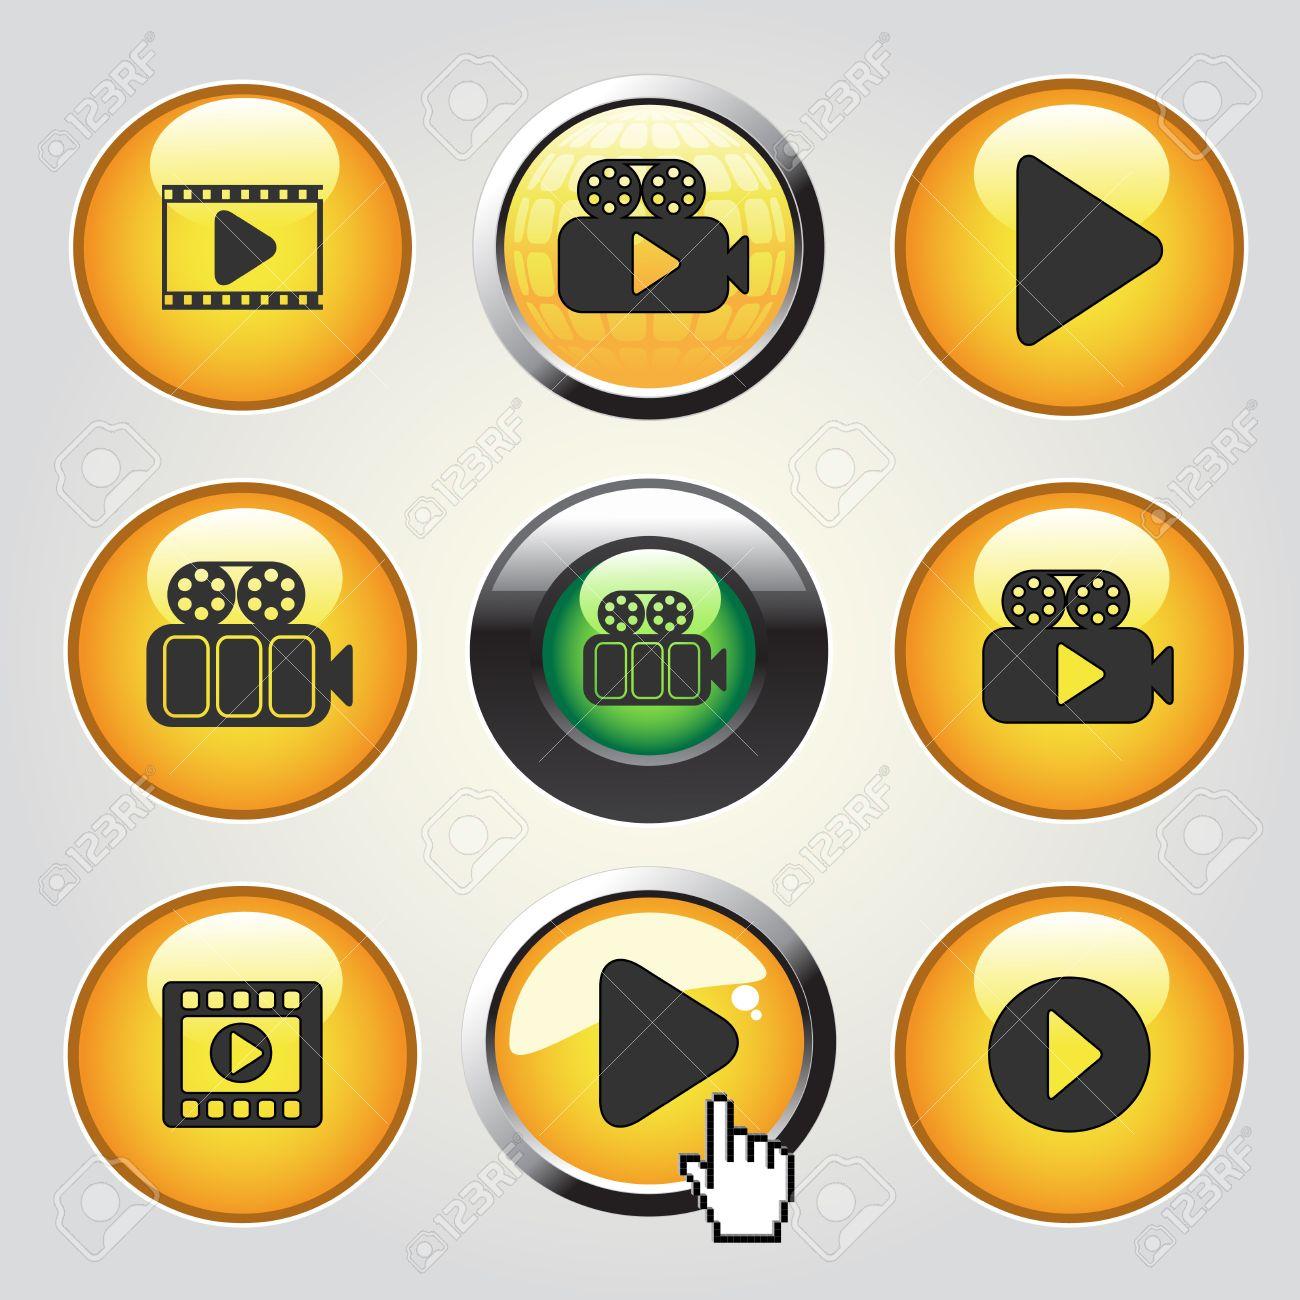 b14b148e68 Foto de archivo - Vector Videos iconos de los medios - botones para reproducir  vídeo, película - ilustración